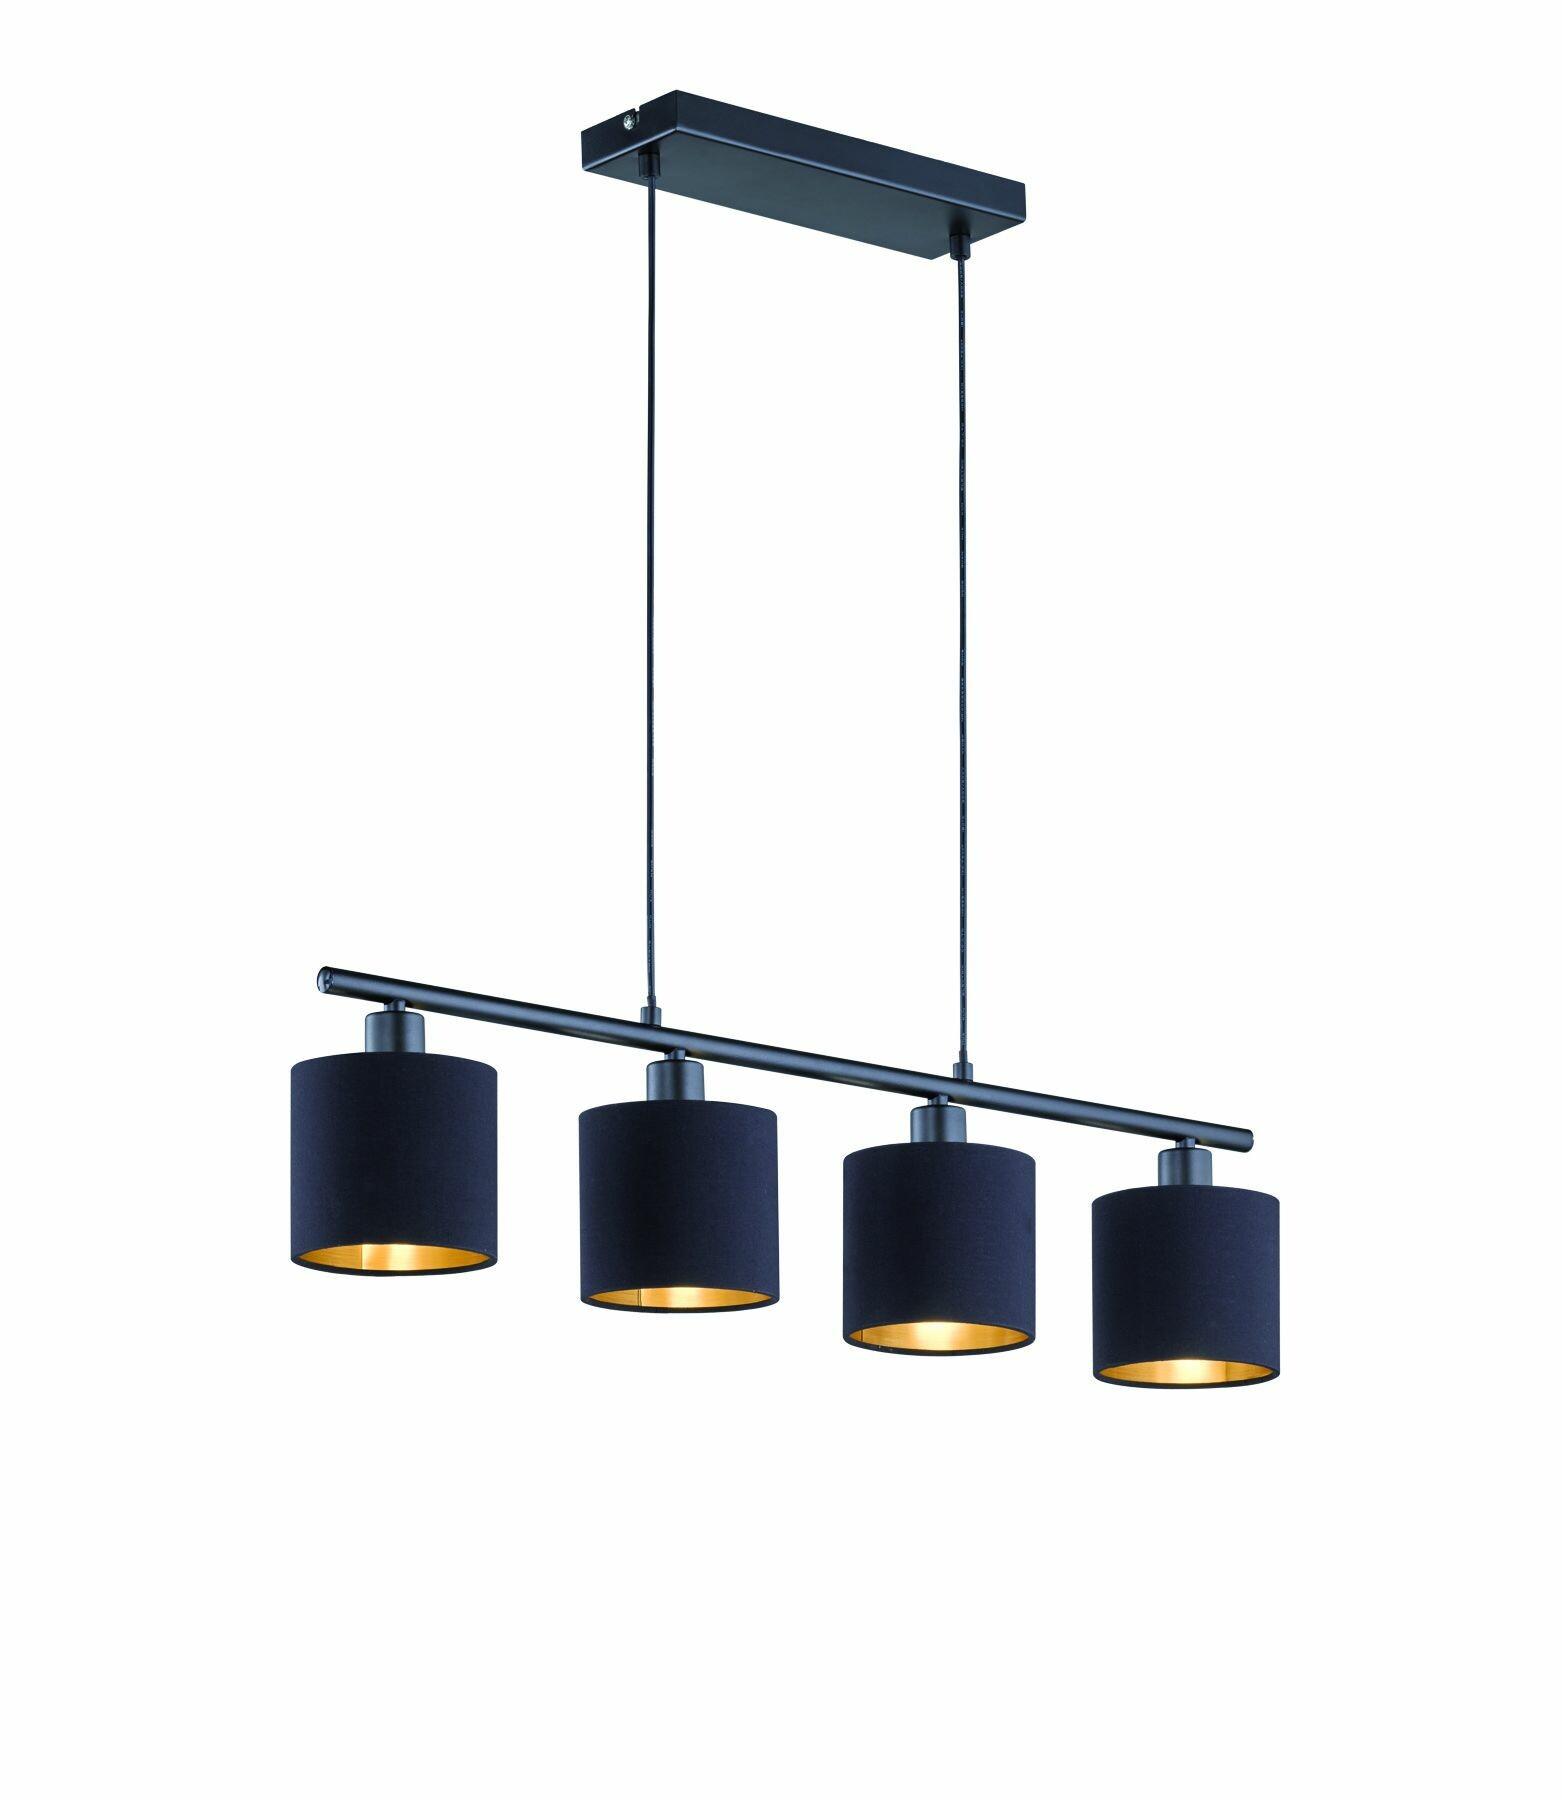 TOMMY Hanglamp E14 4x Zwart